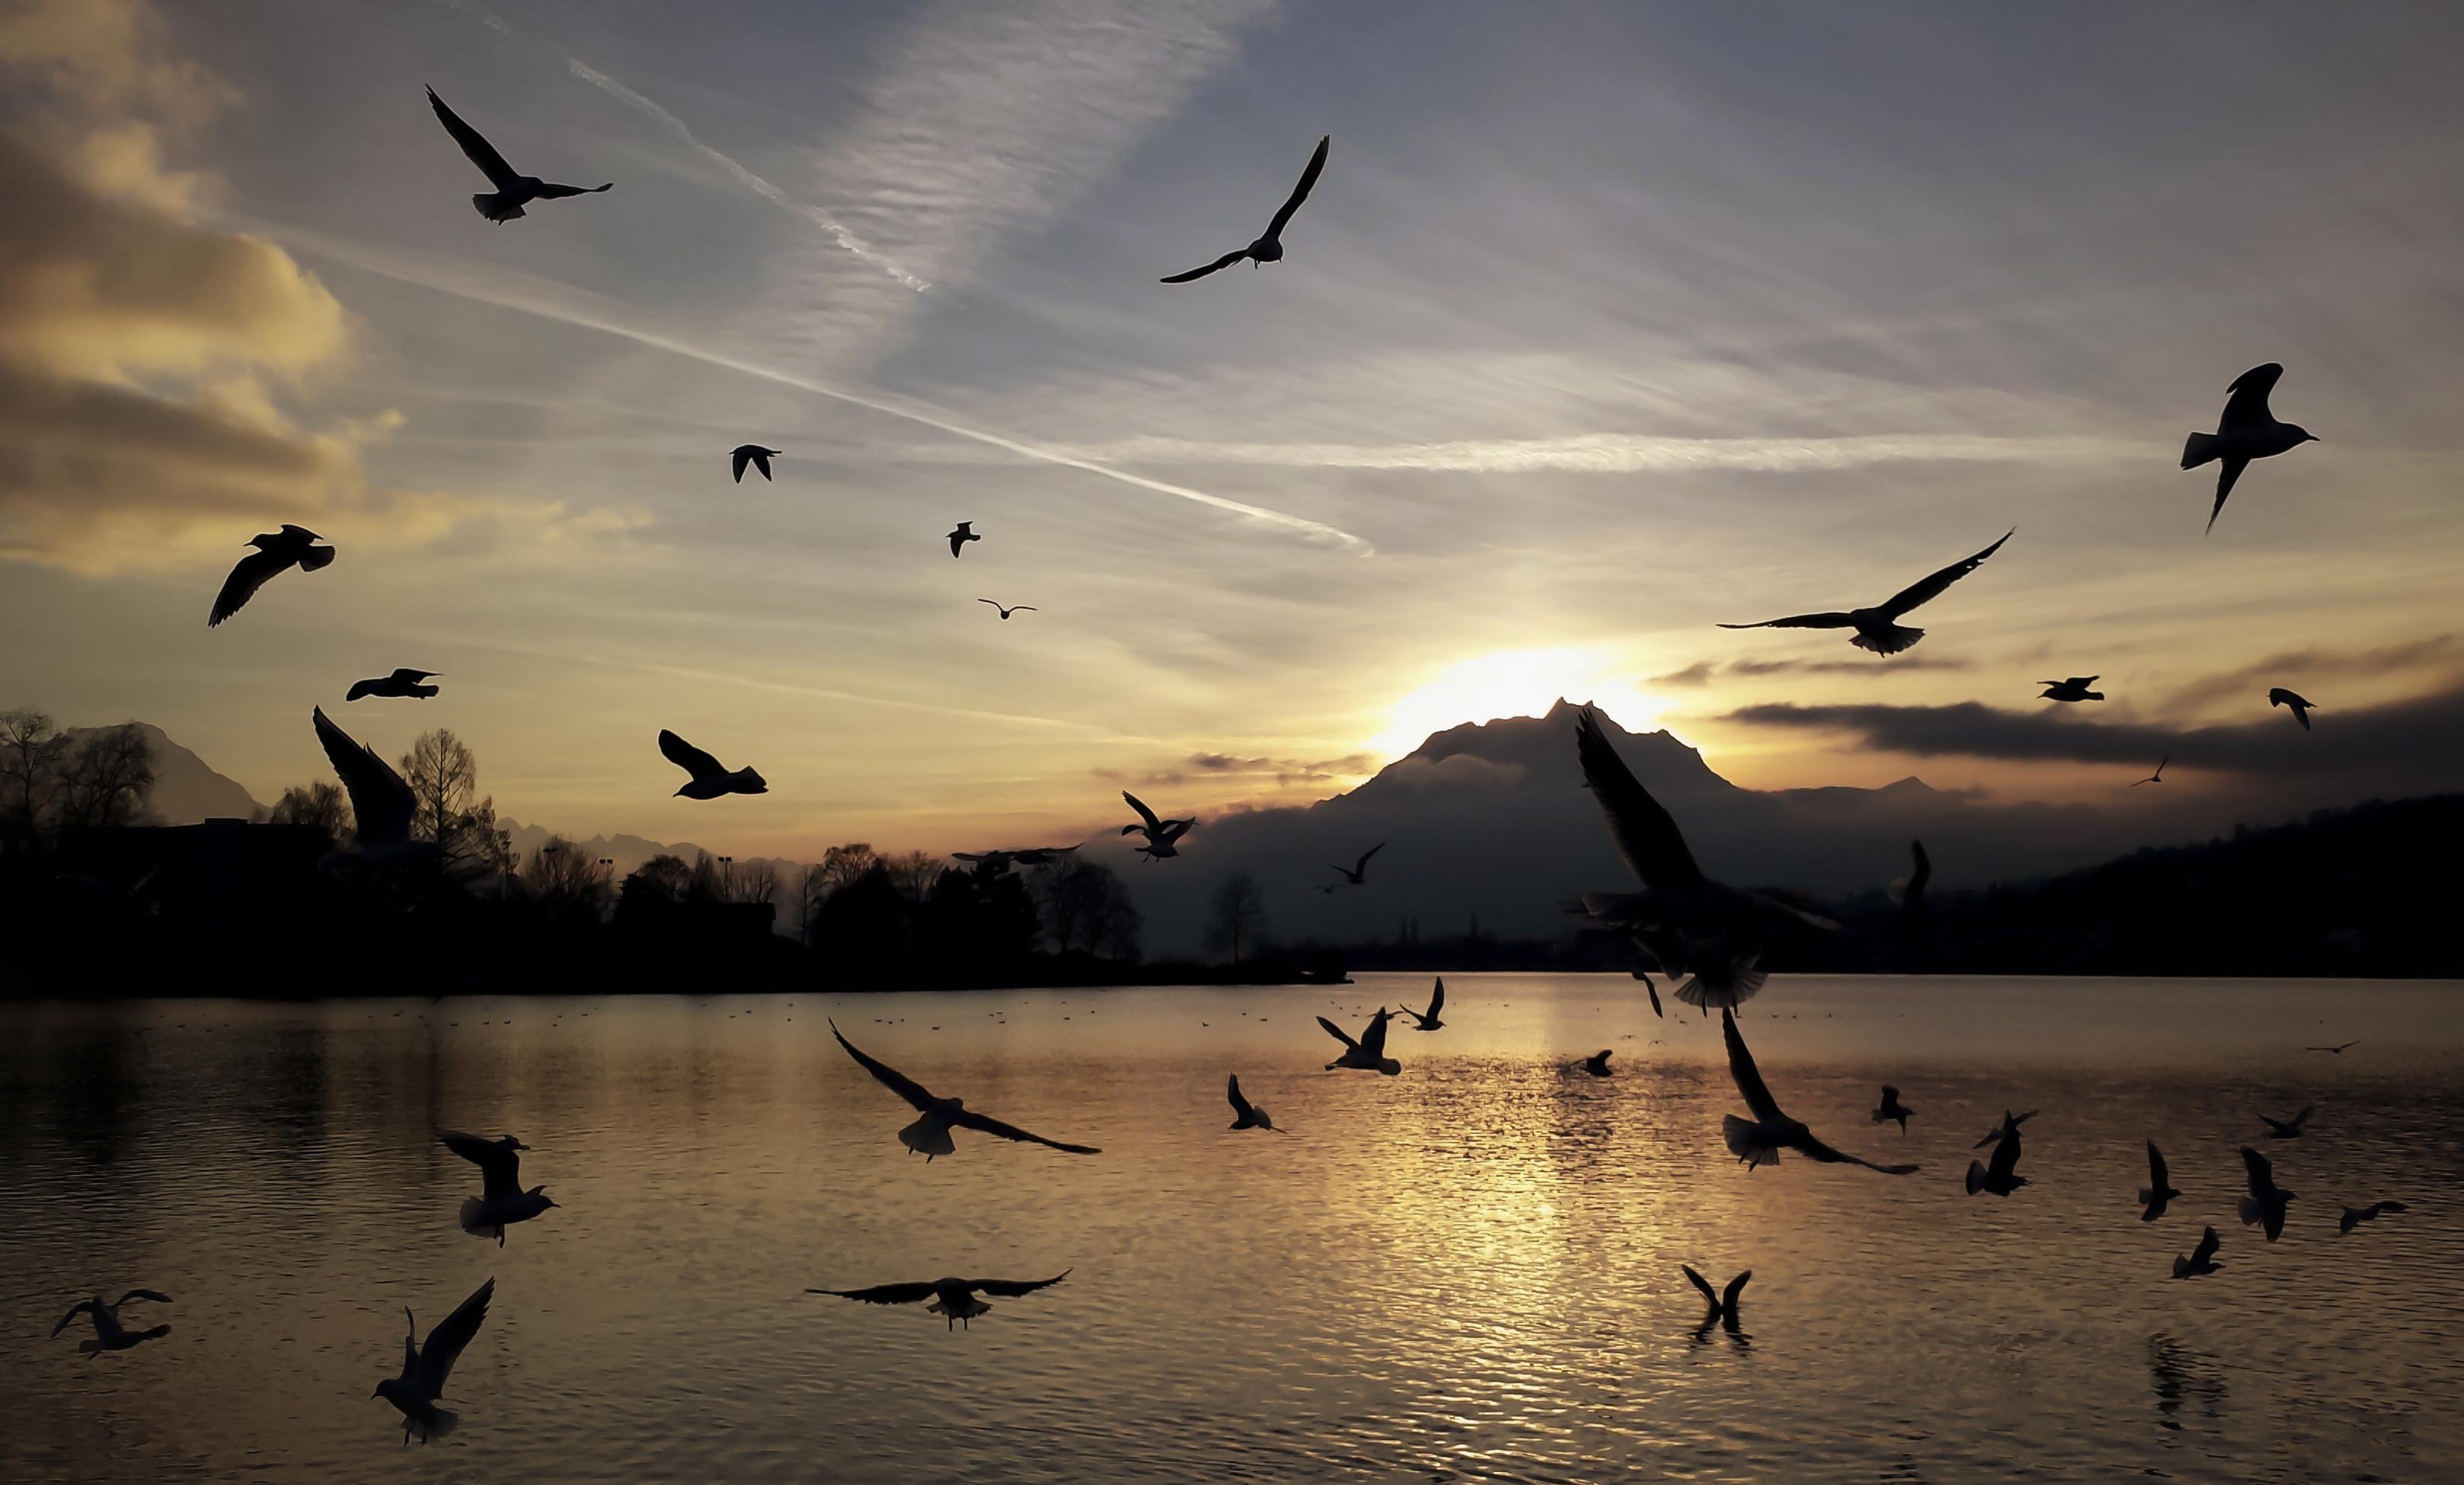 пейзажные фото птицы в полете маникюр подчеркивает уникальность